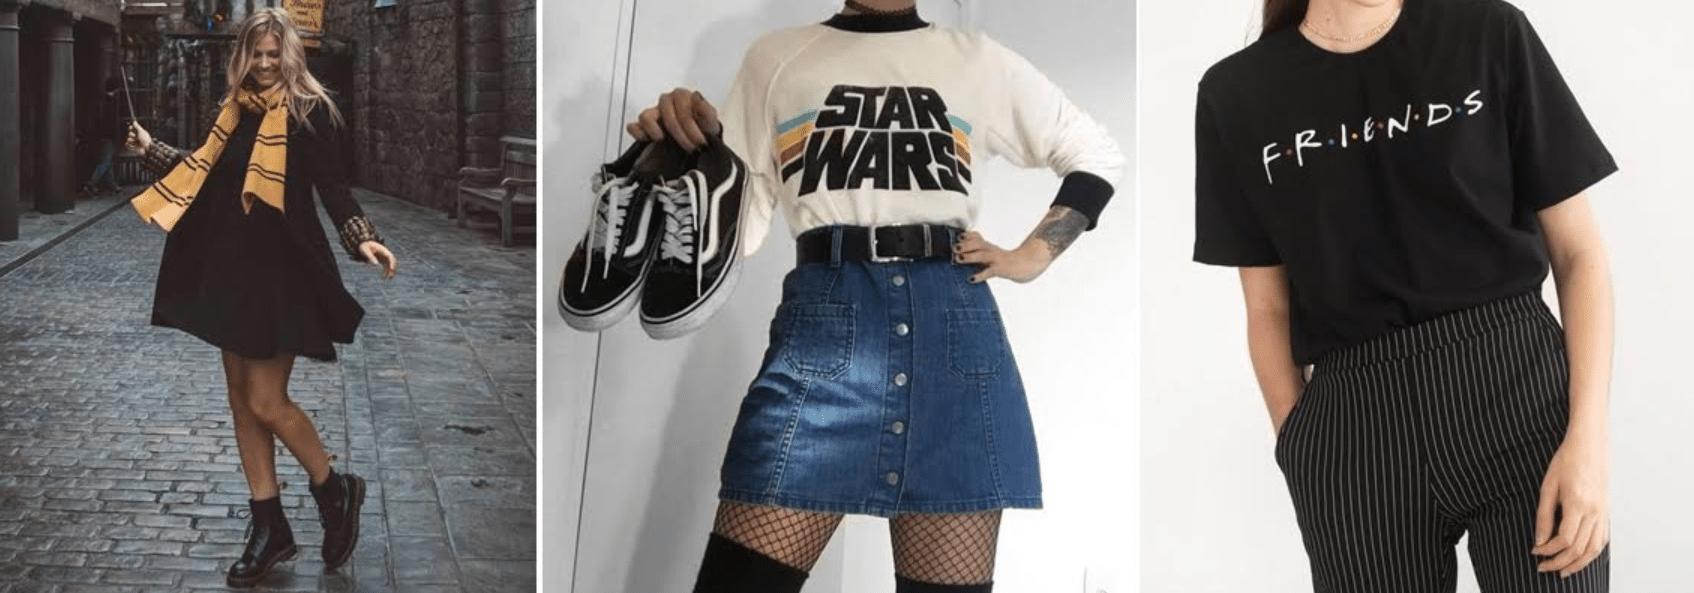 imagens de três pessoas usando roupas com temas da cultura pop